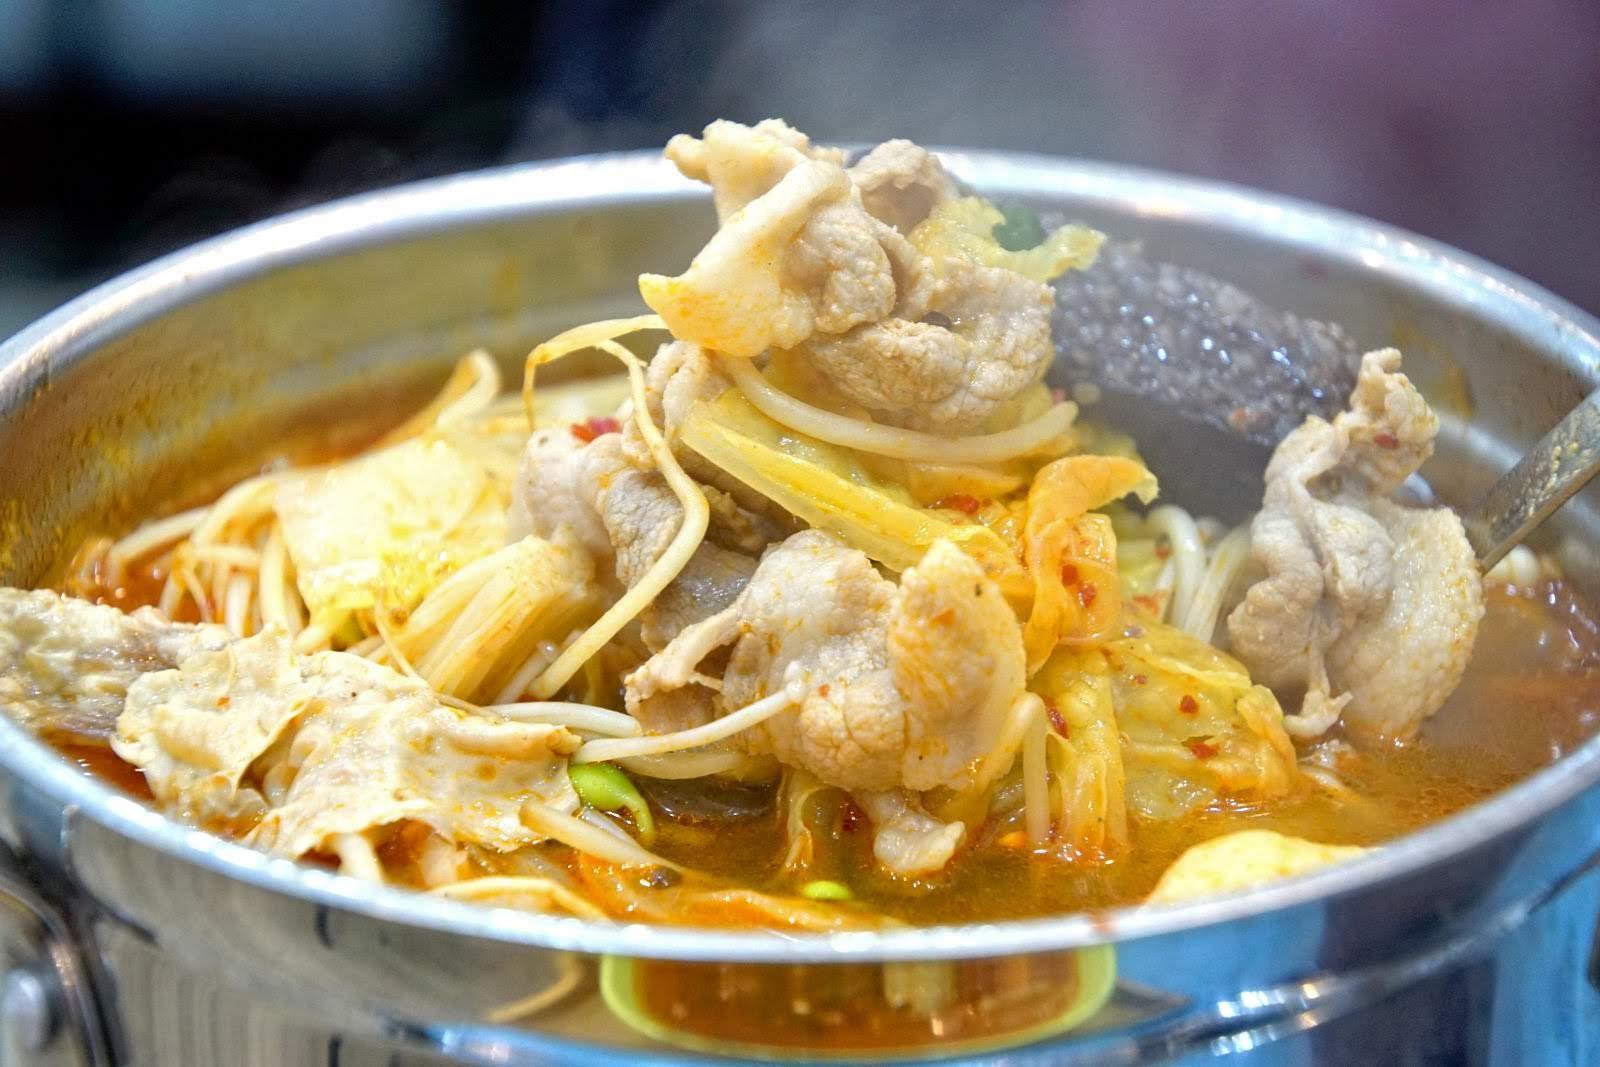 [台南][南區] 恬妞萊得快麻辣香鍋|食記